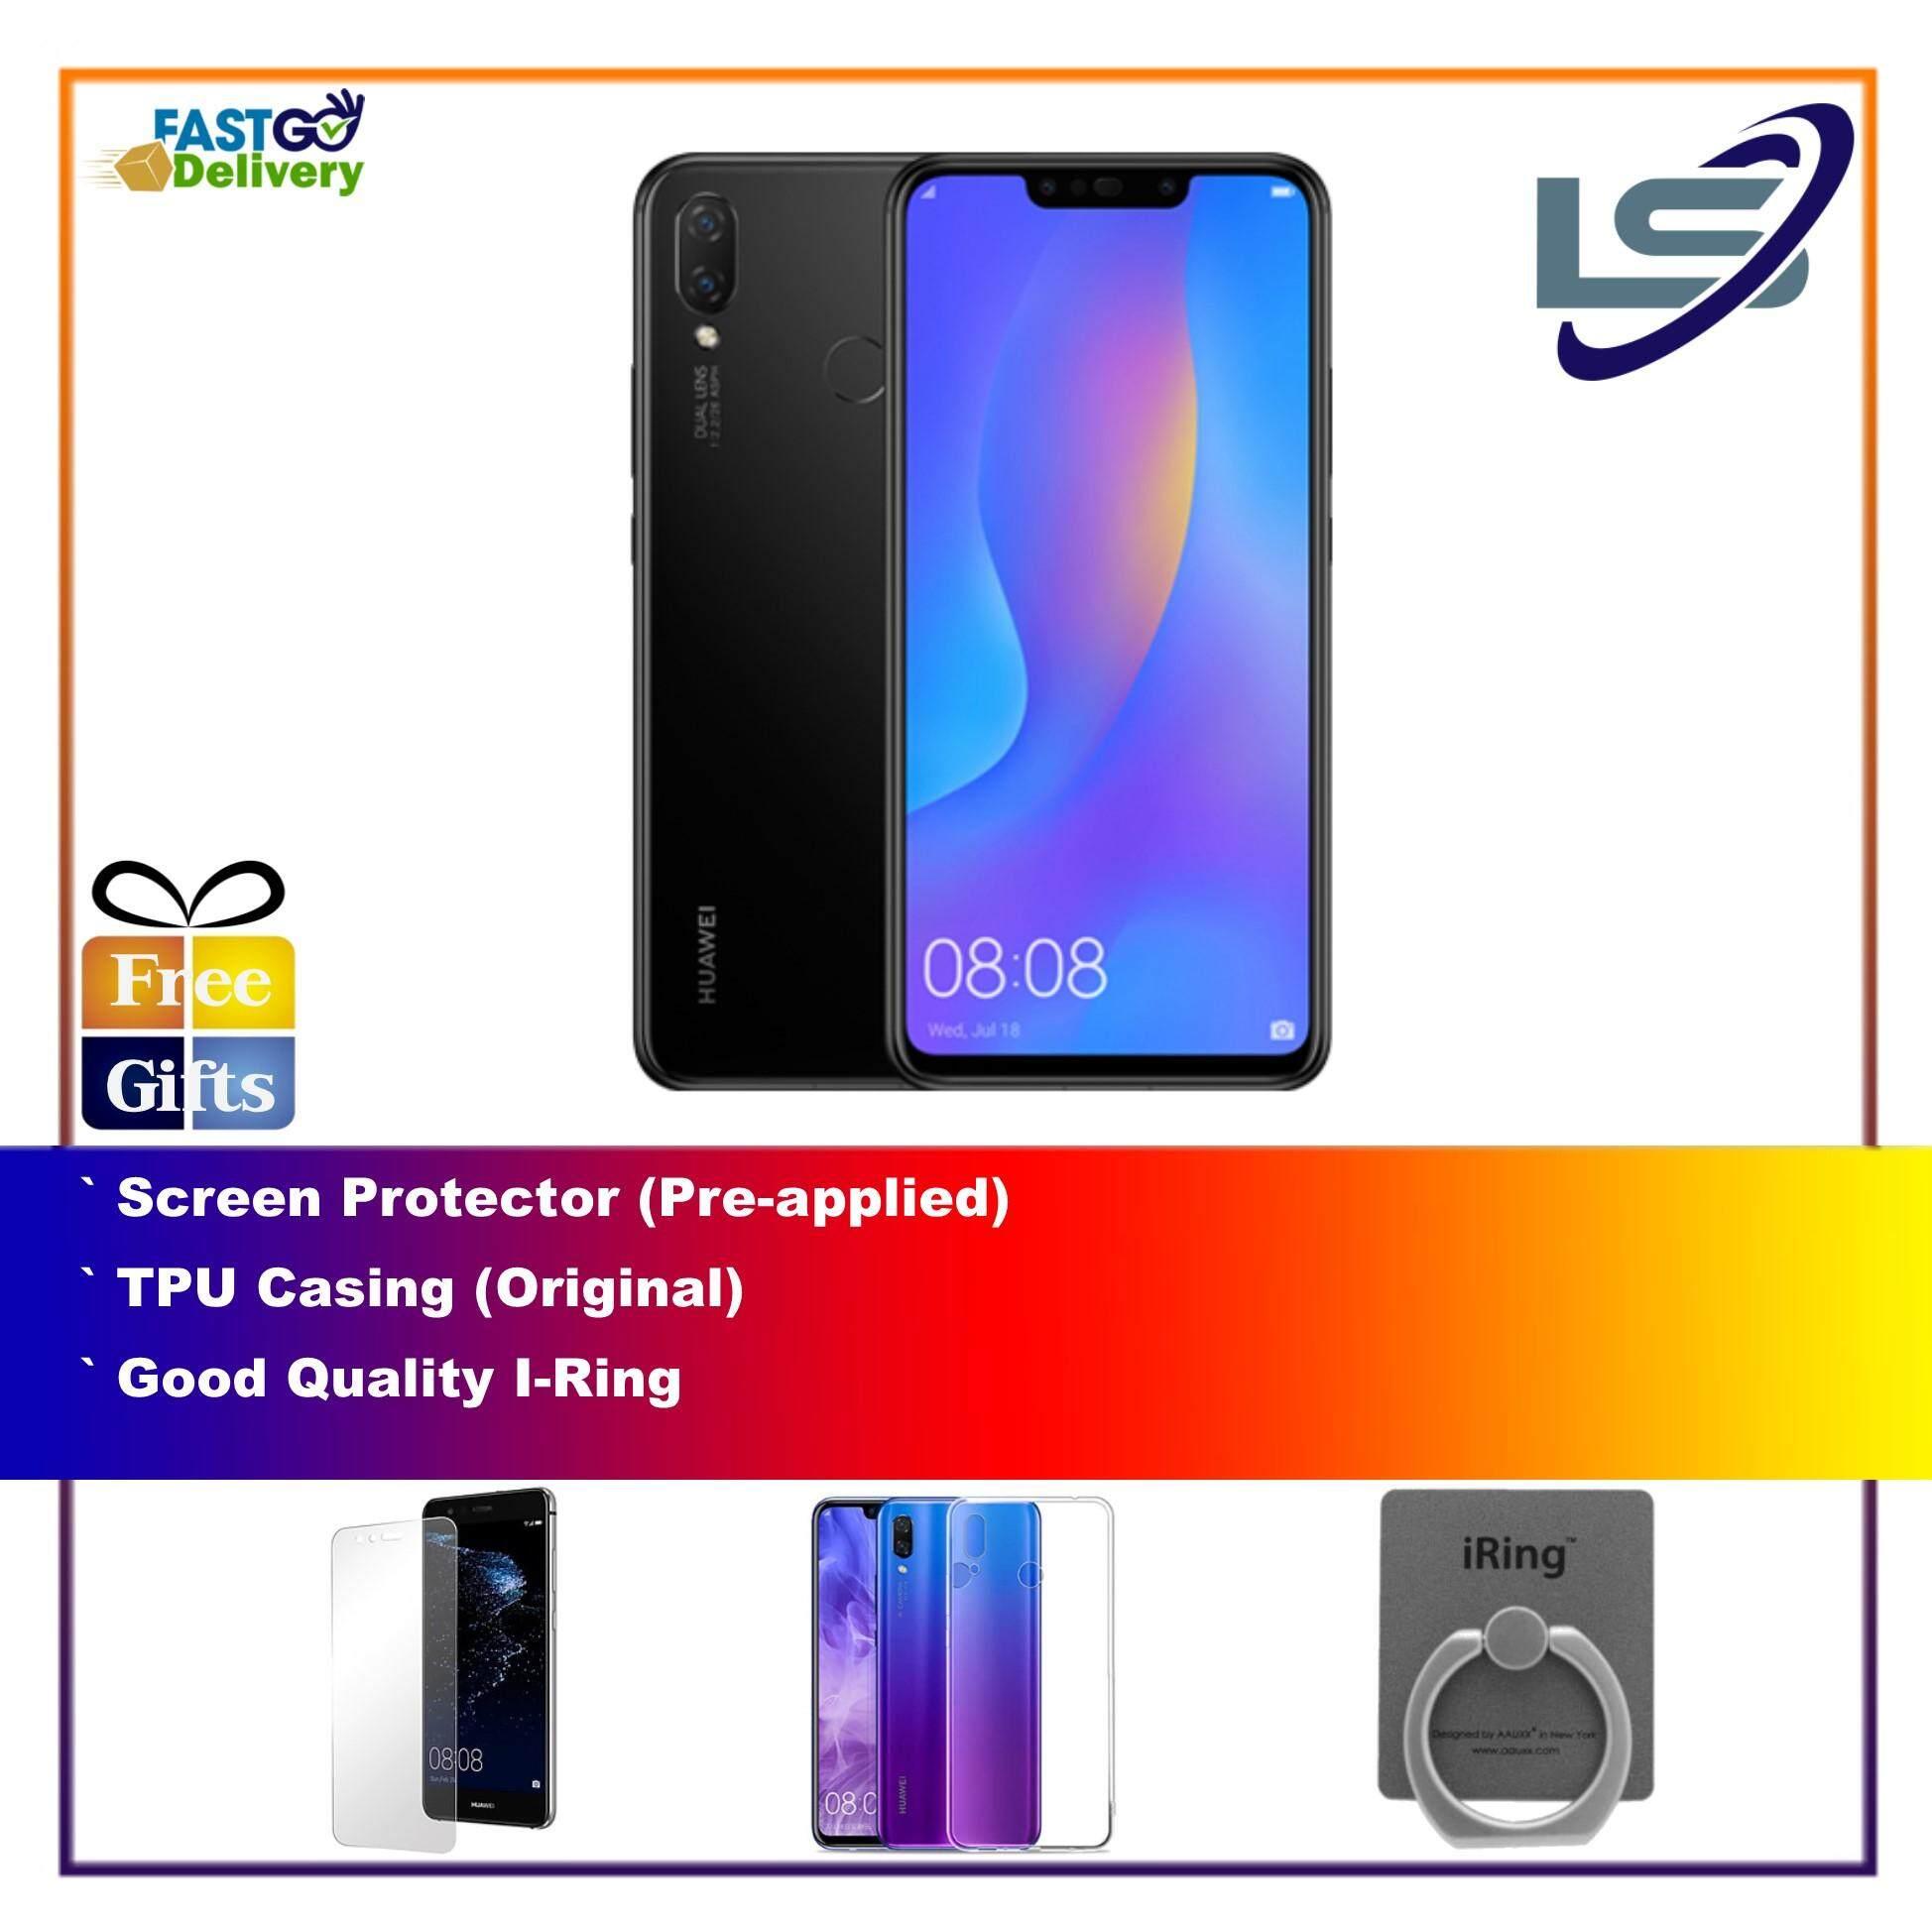 Folkekære Huawei Telefon Bimbit & Tablet price in Malaysia - Best Huawei JY-85